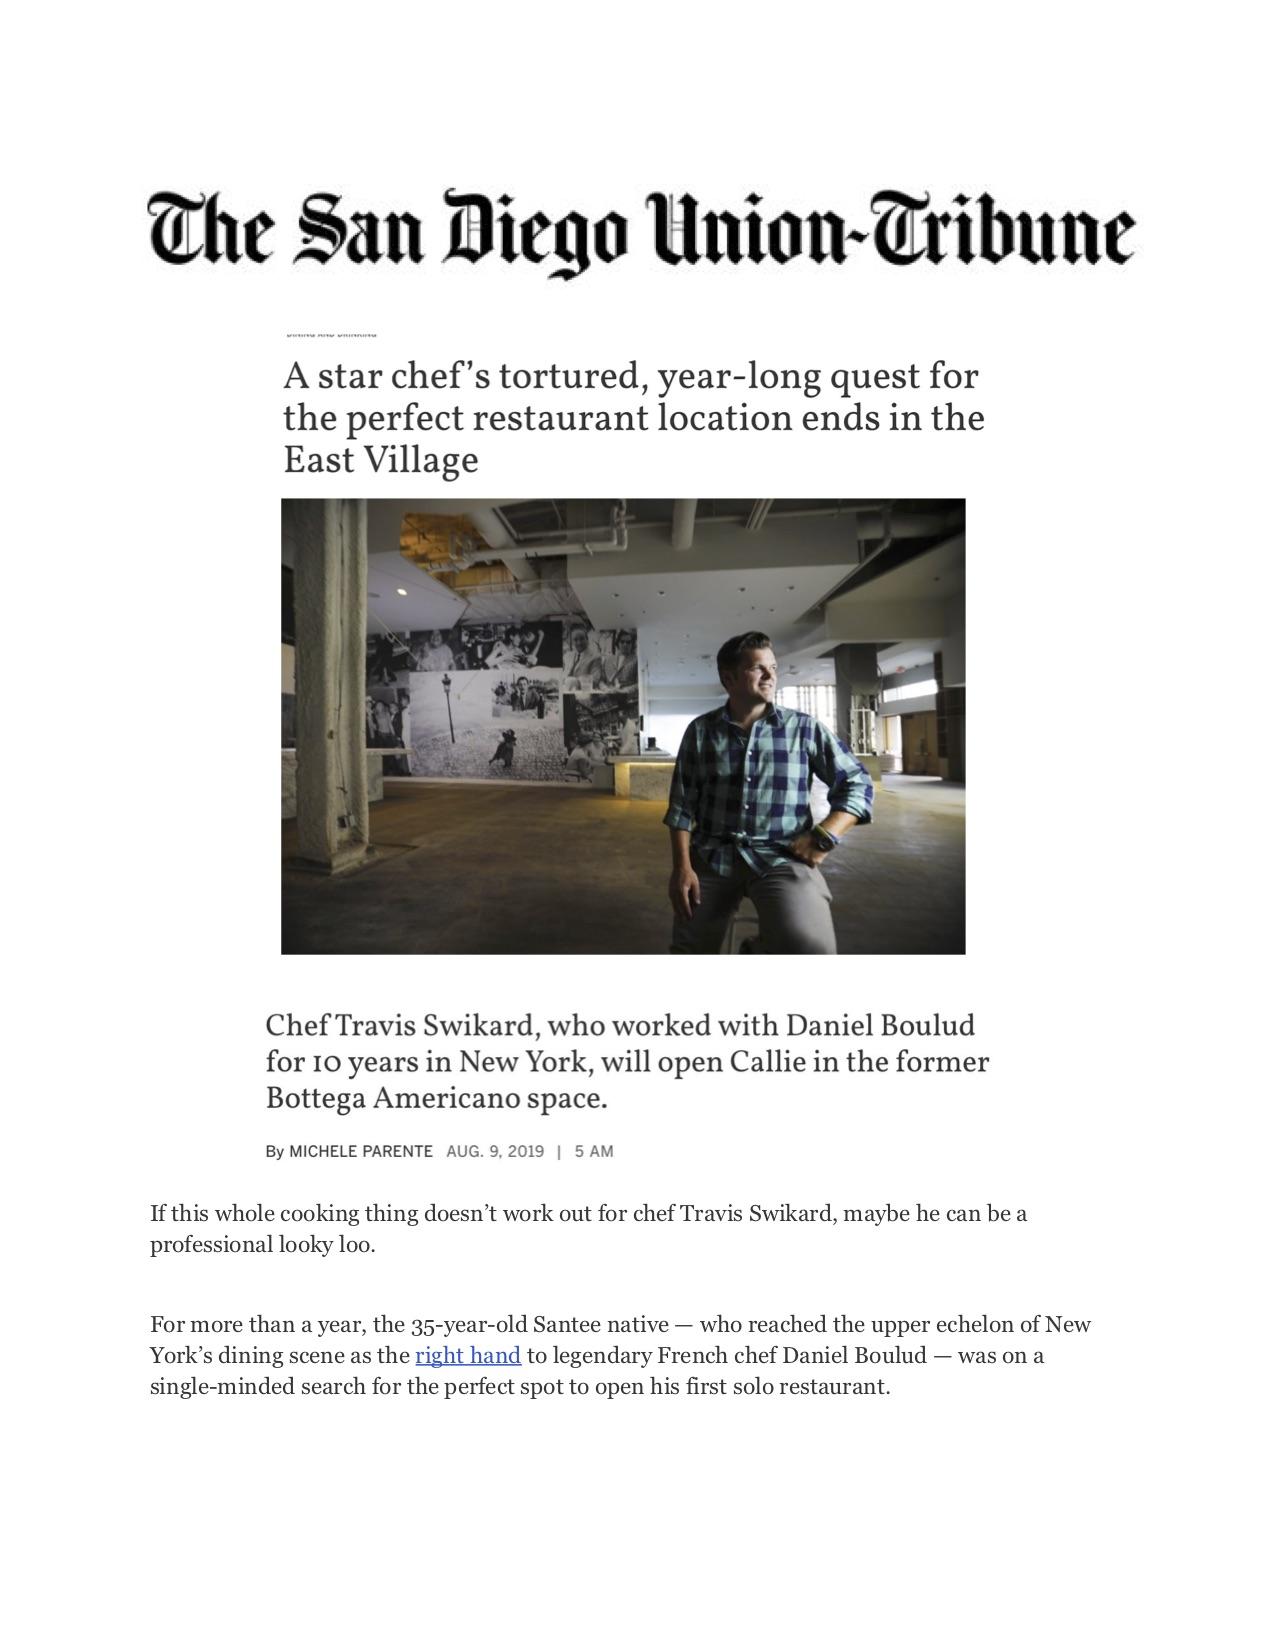 San Diego Tribune (1).jpg